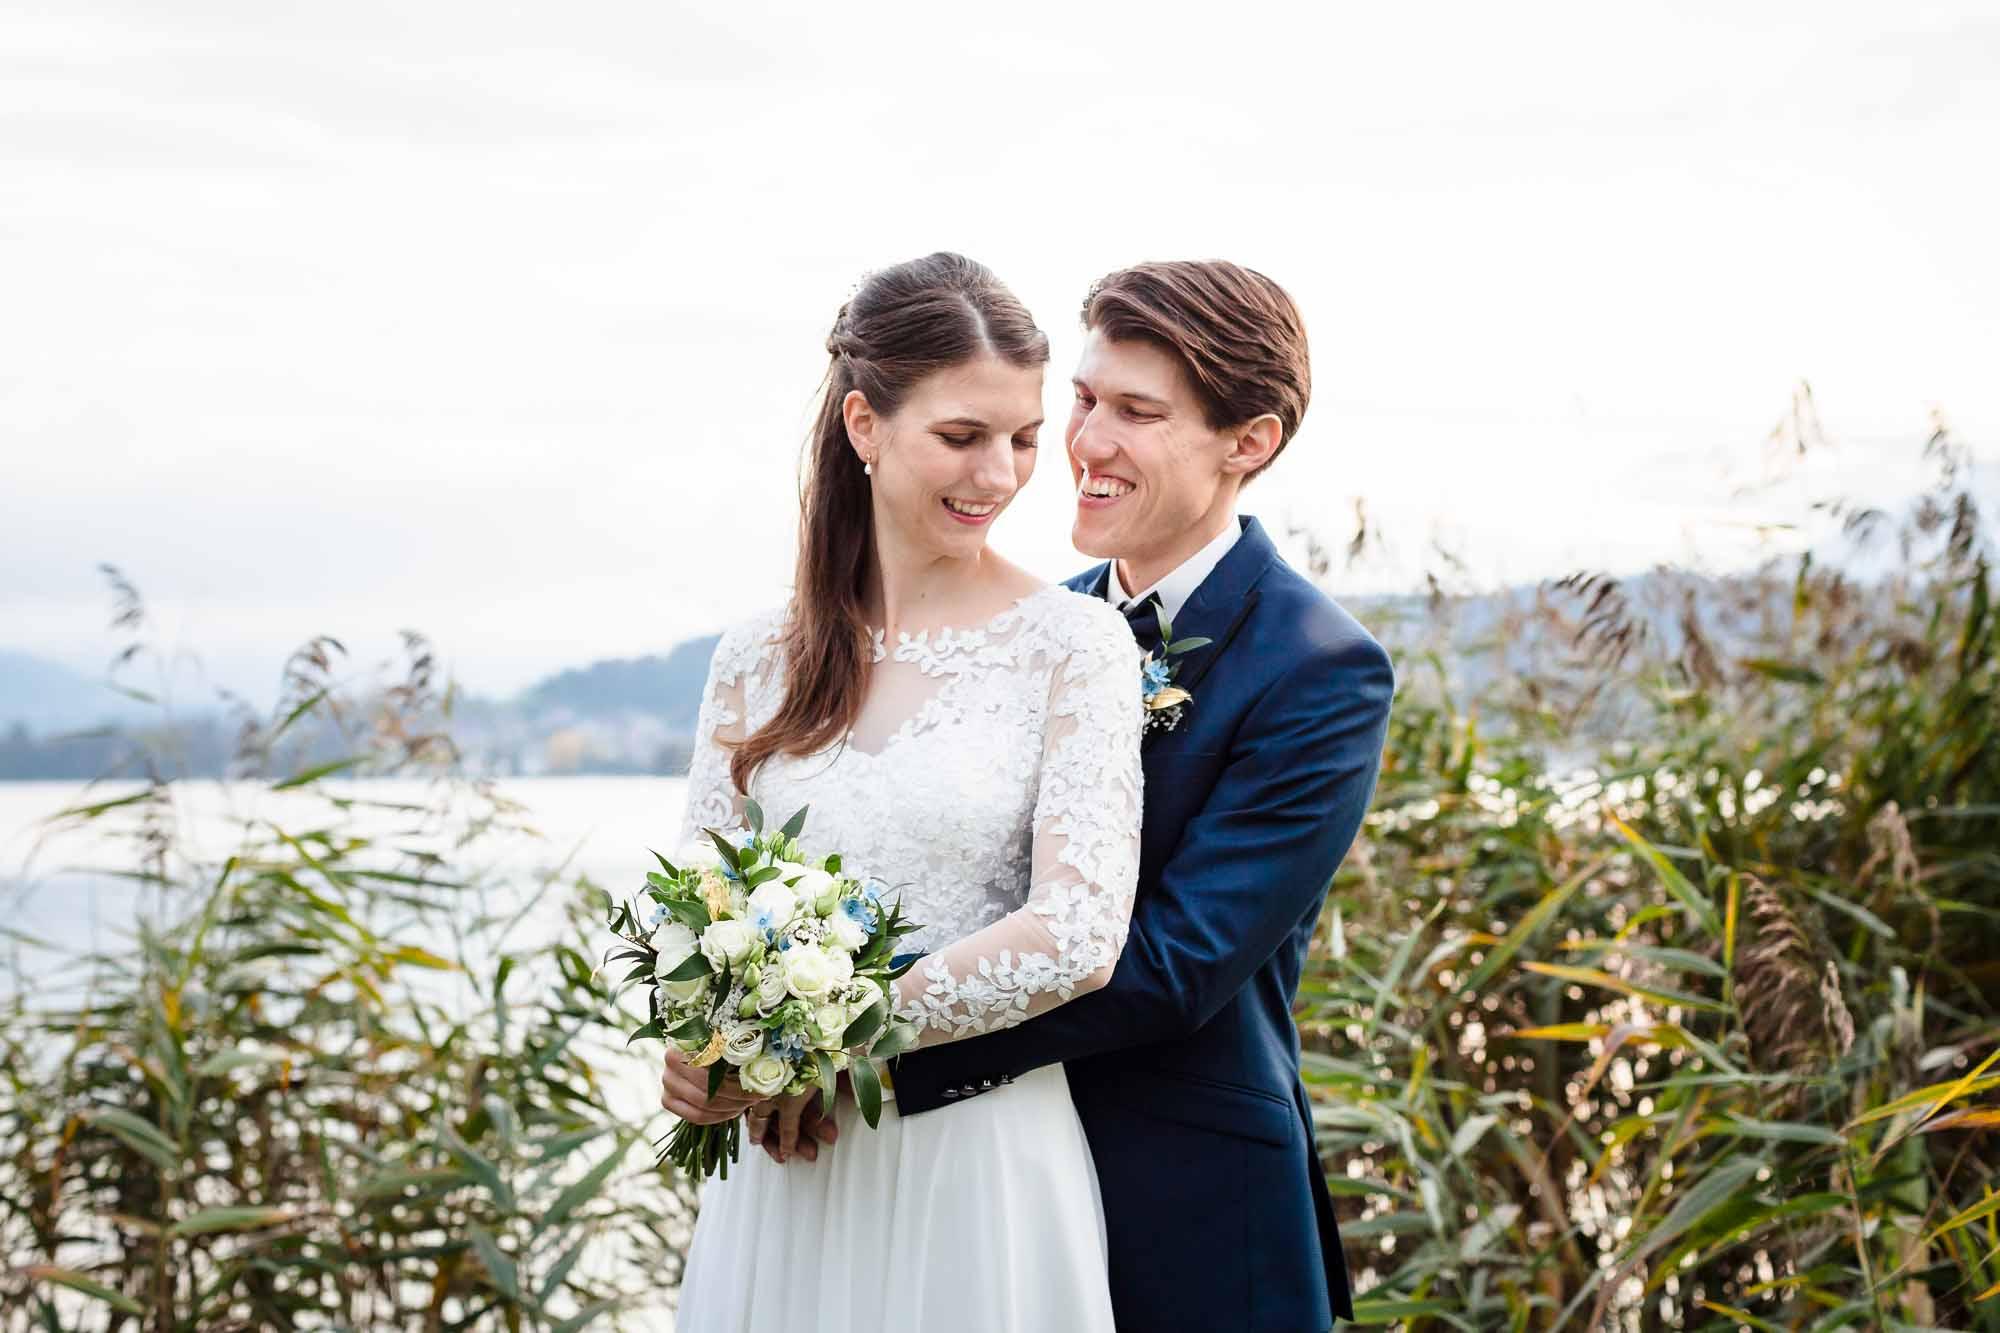 Hochzeitsfotograf Luzern Brautpaar Porttrait vor Schilf